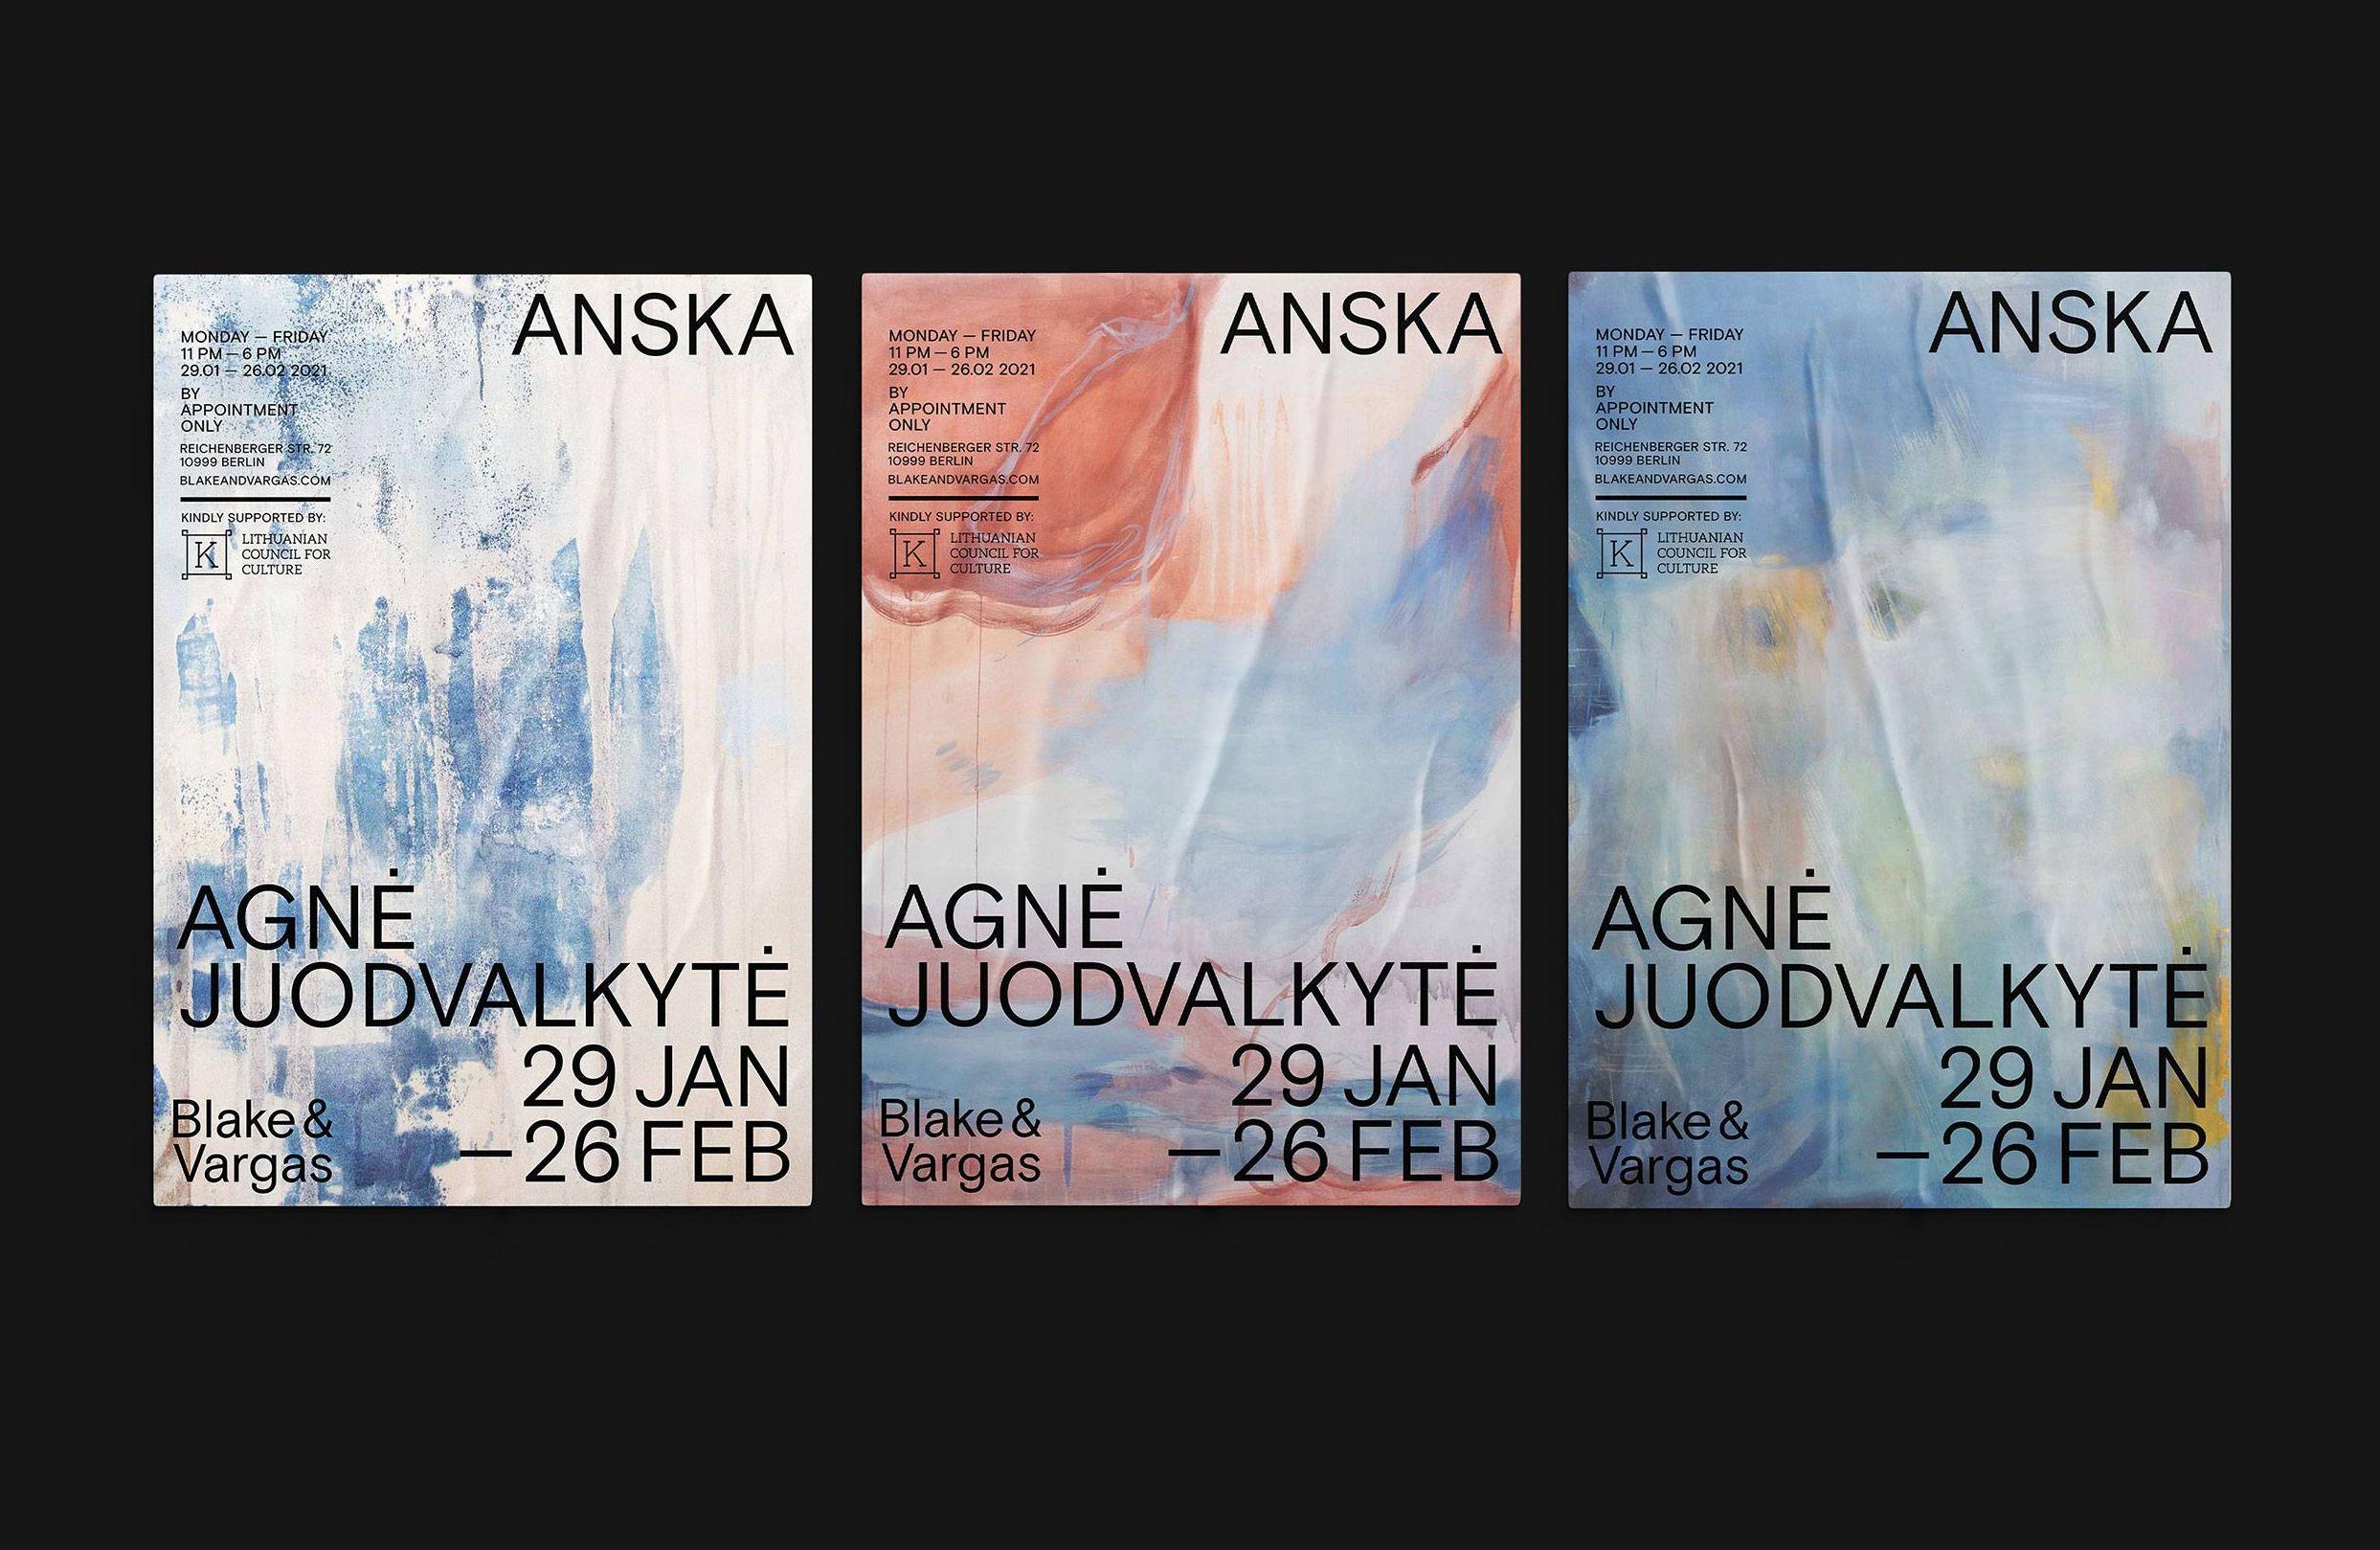 <p>ANSKA by <em>Agnė Juodvalkytė</em> – Poster Series</p>